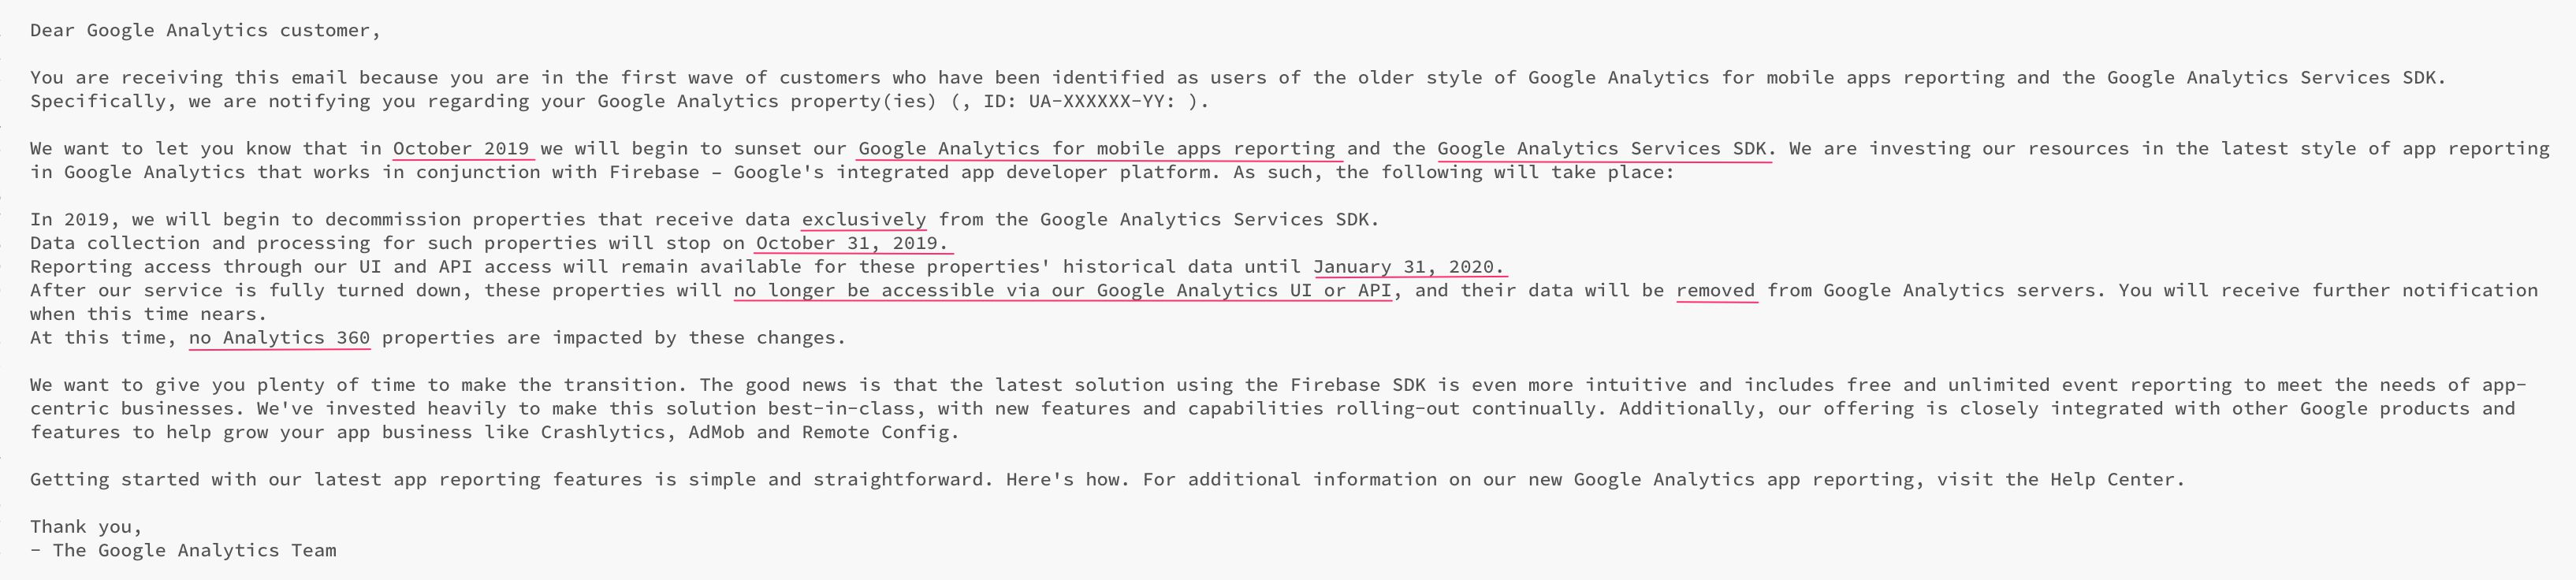 Google Analytics For Mobile Apps Getting Shut Down | Simo Ahava's blog